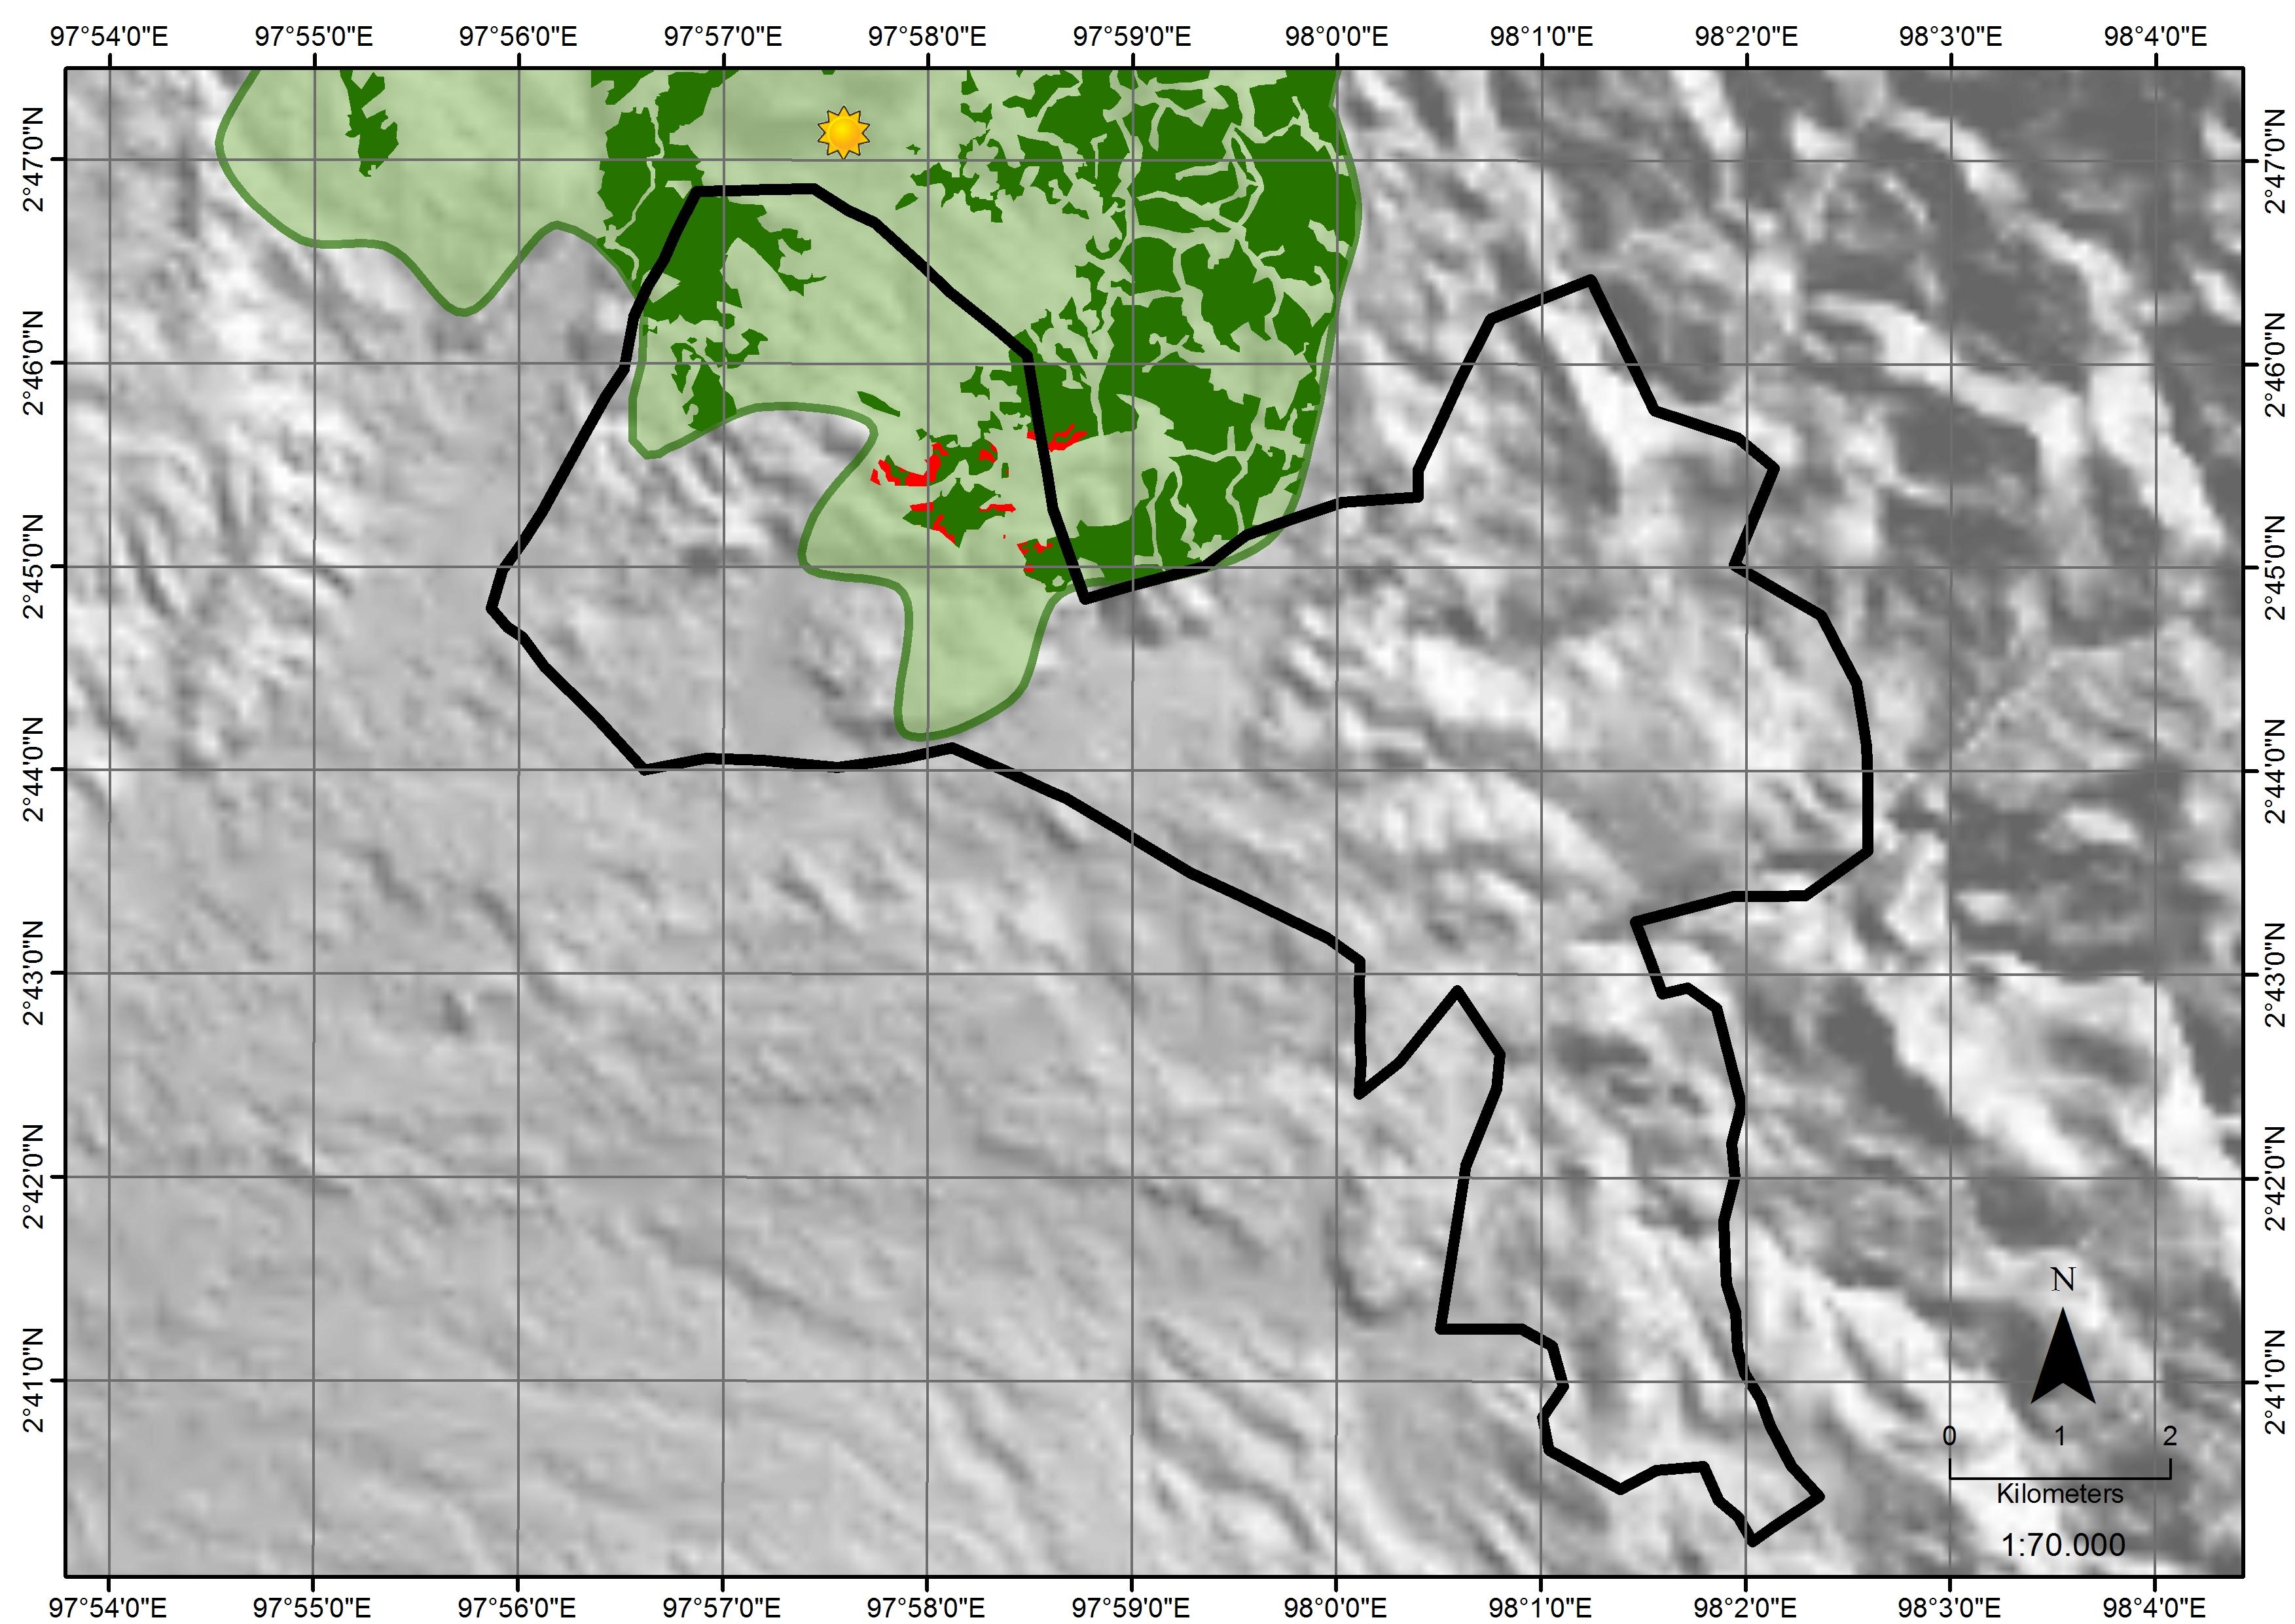 Laot Bangko satellite analysis image